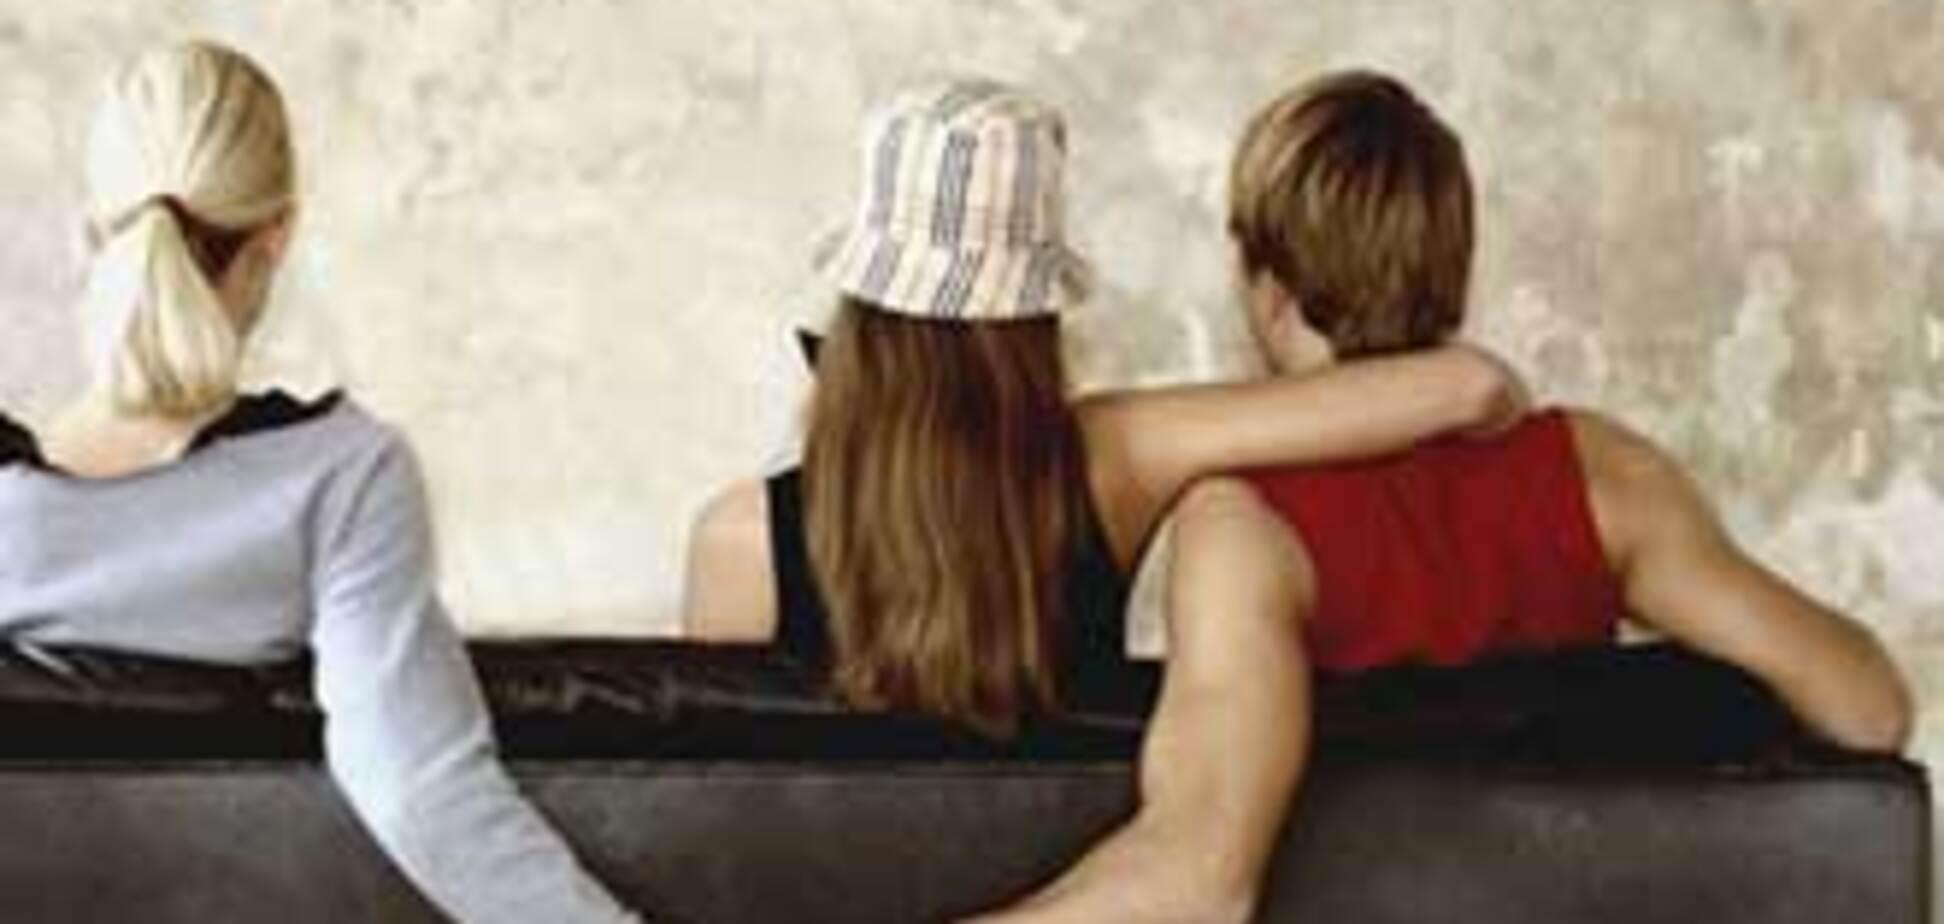 Методы борьбы с мужской изменой